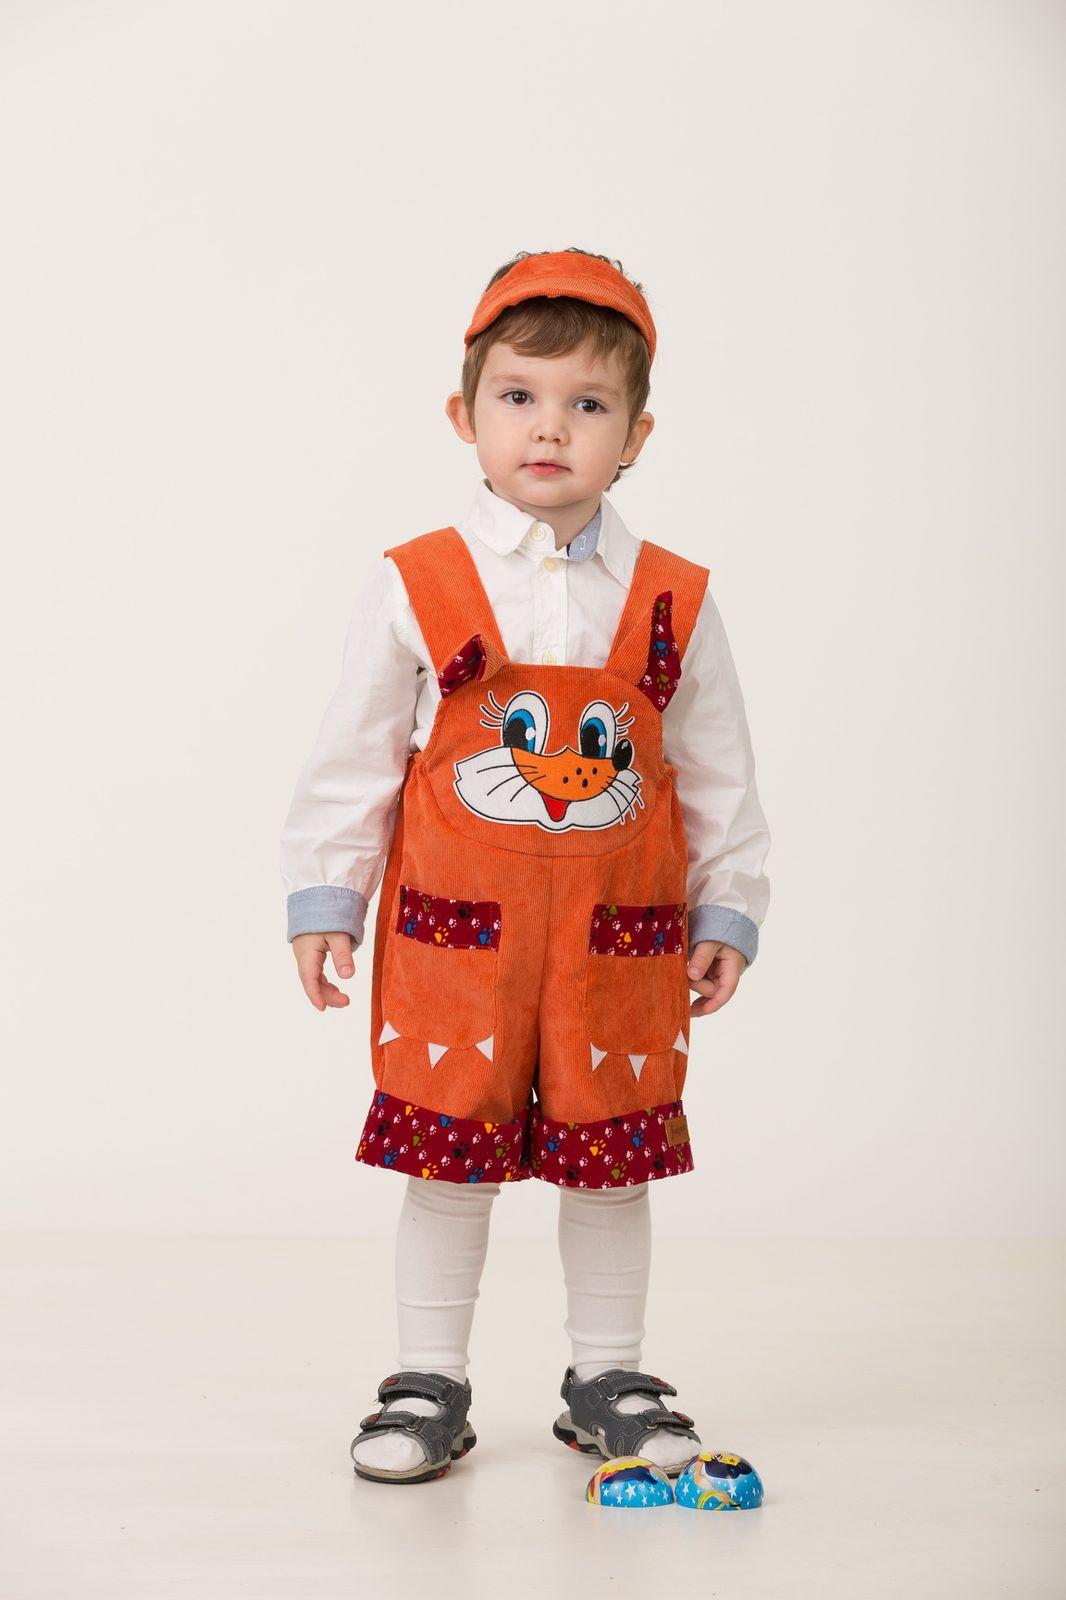 Карнавальный костюм Jeanees Лисёнок Крапинка, цвет: рыжий. Размер: 30 карнавальный костюм jeanees зайка капризка цвет голубой размер 30